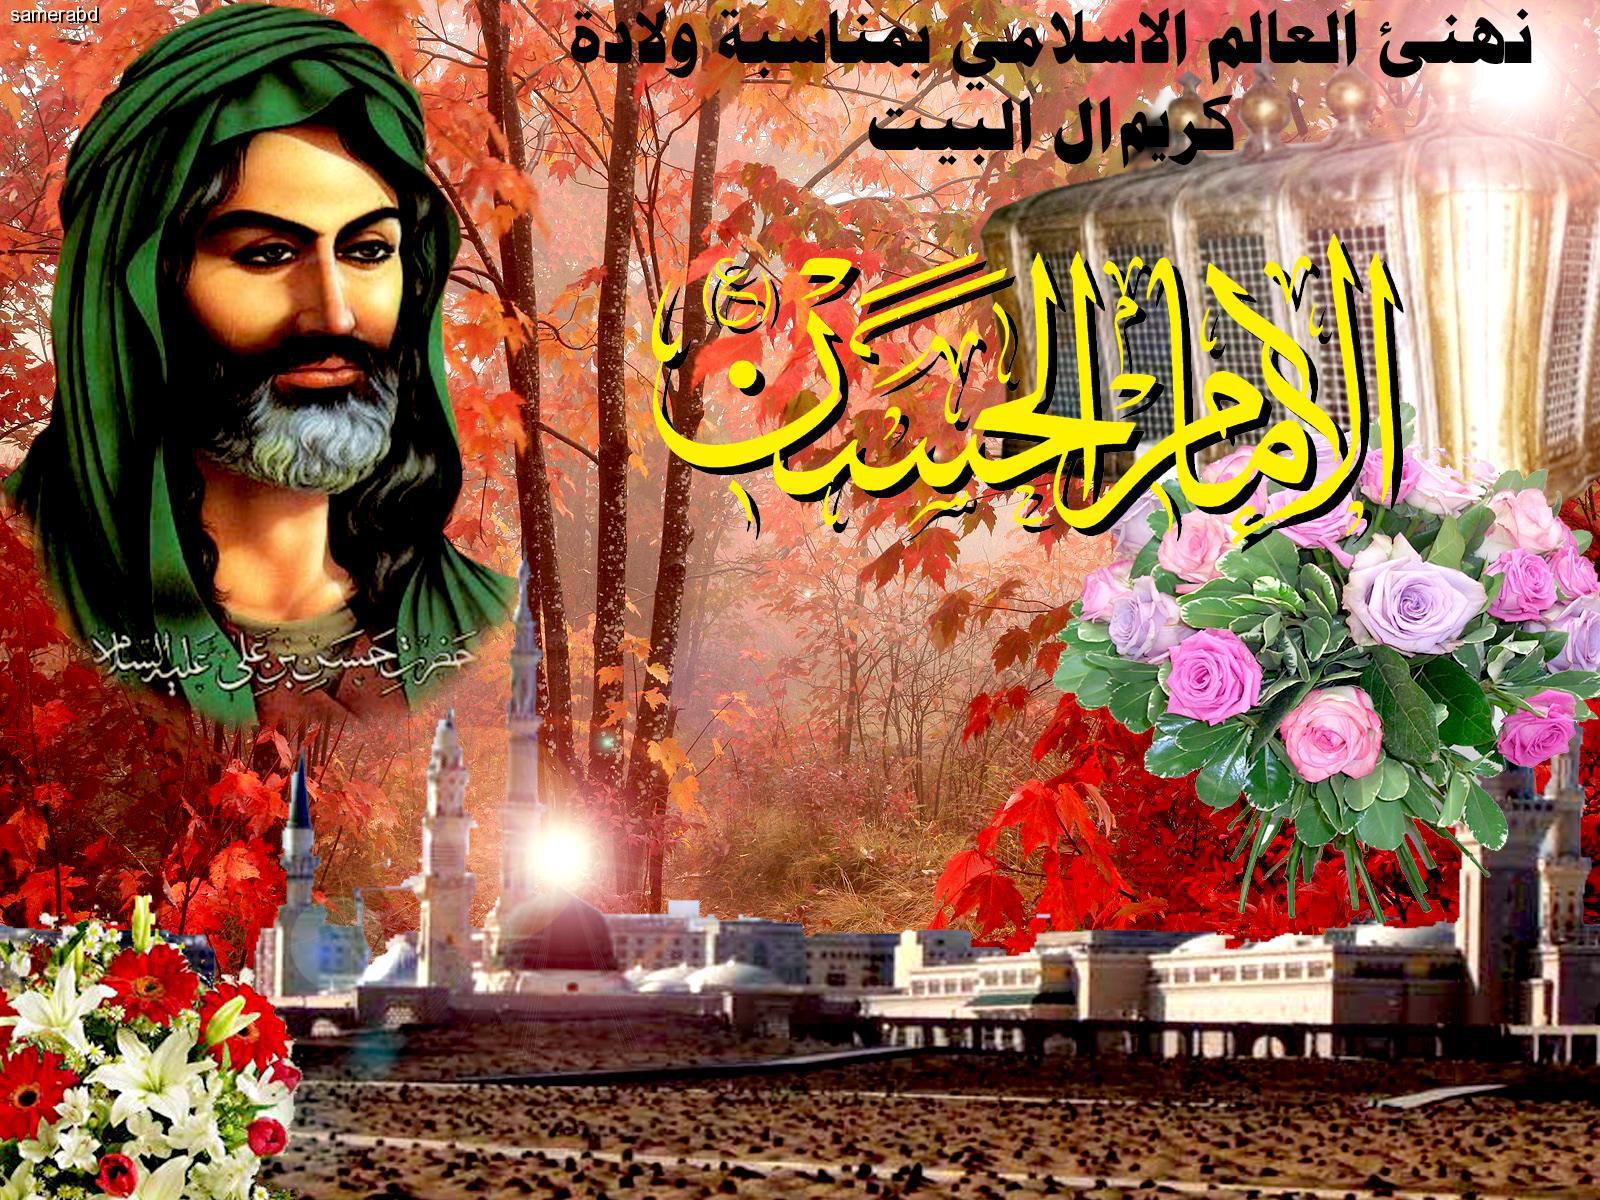 صور الامام الحسن الزكي المظلوم (ع) 6dh35978